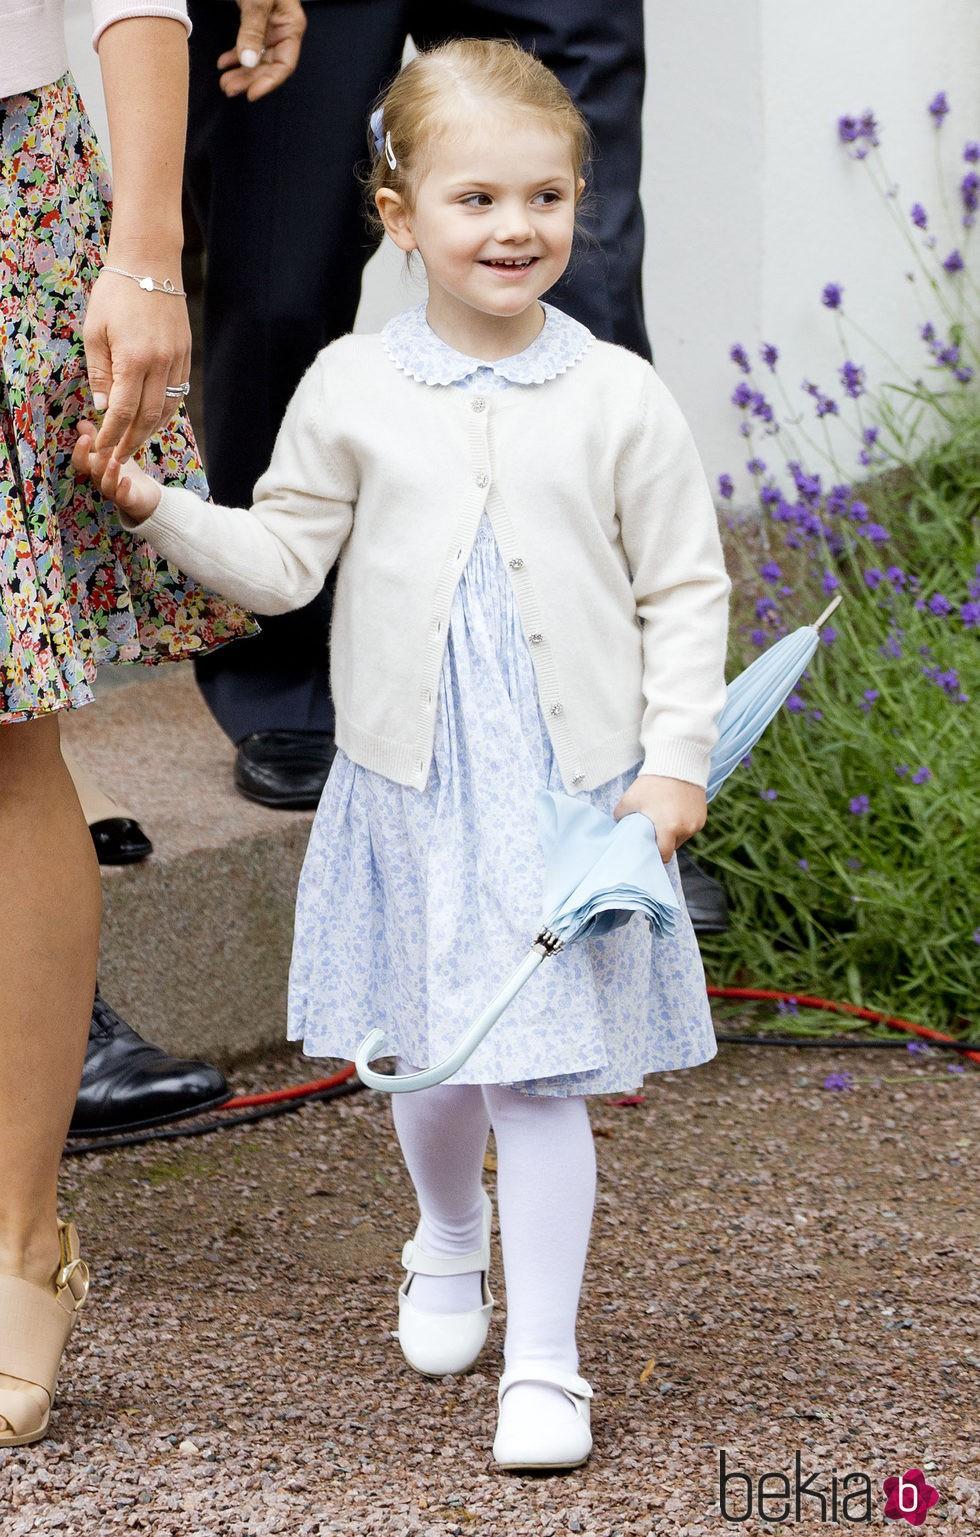 Estela de suecia en el 38 cumplea os de victoria de suecia la familia real de suecia en